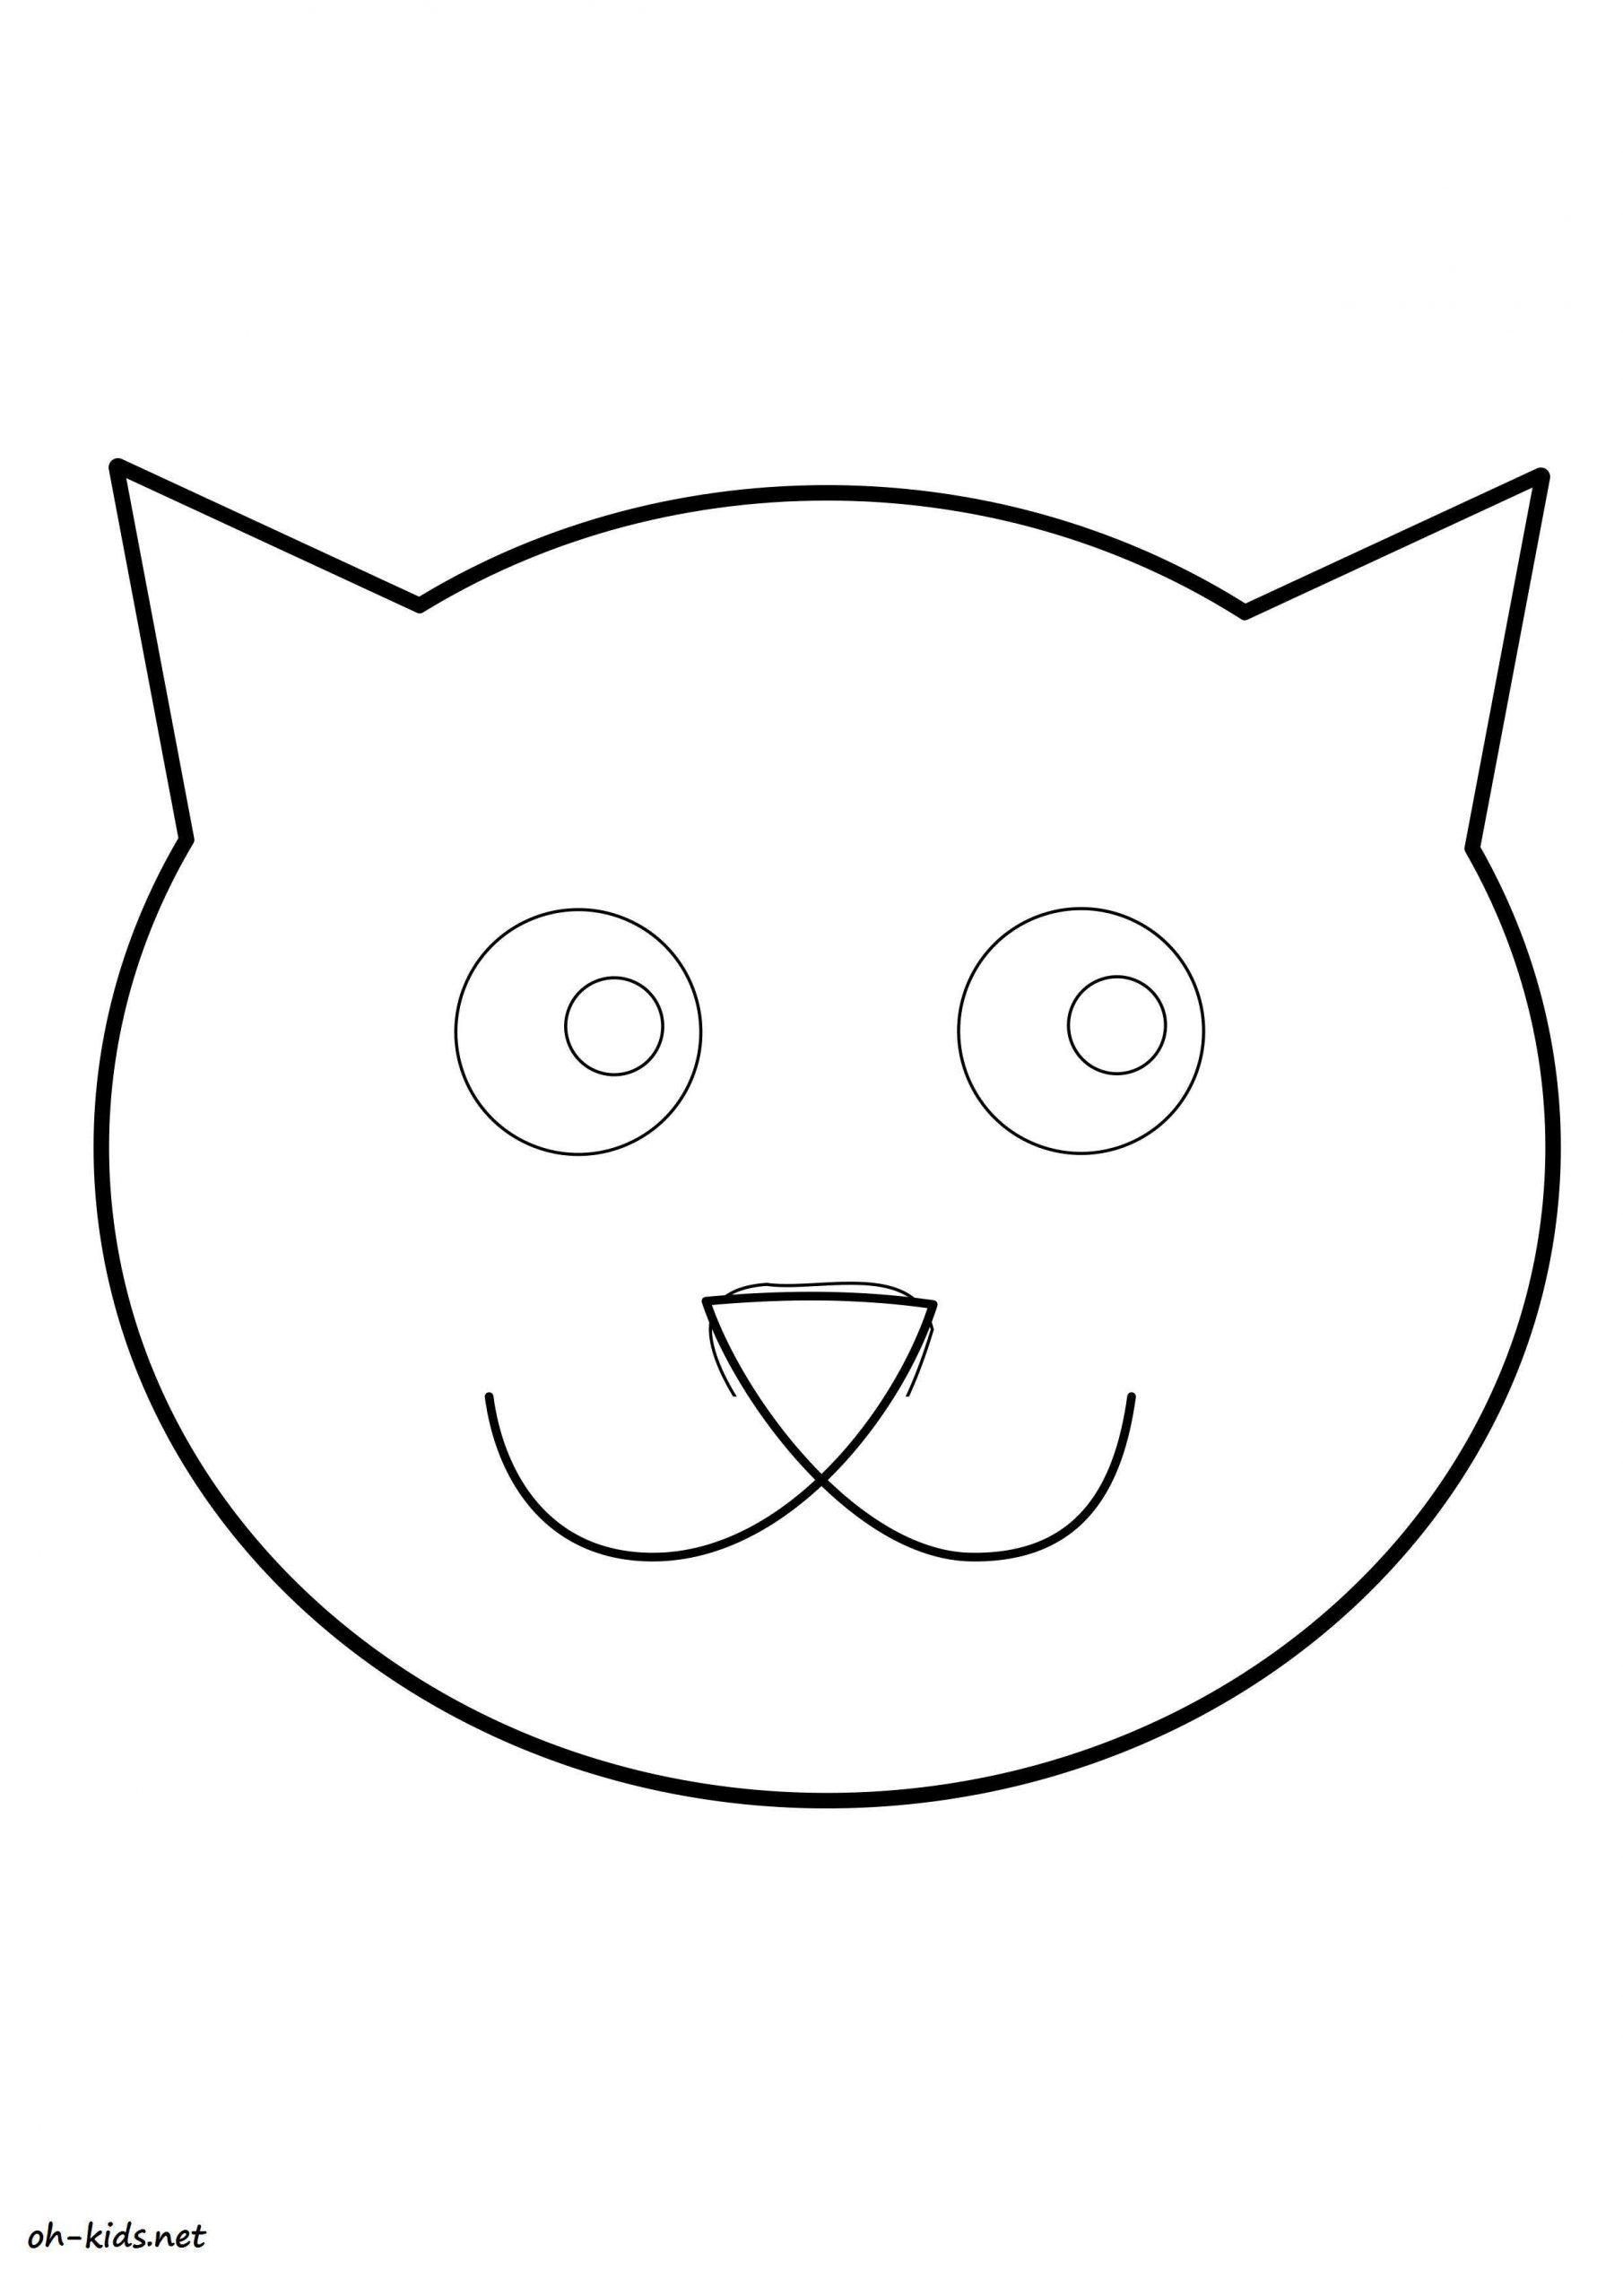 Dessin #701 - Coloriage Minou À Imprimer - Oh-Kids dedans Minou Dessin